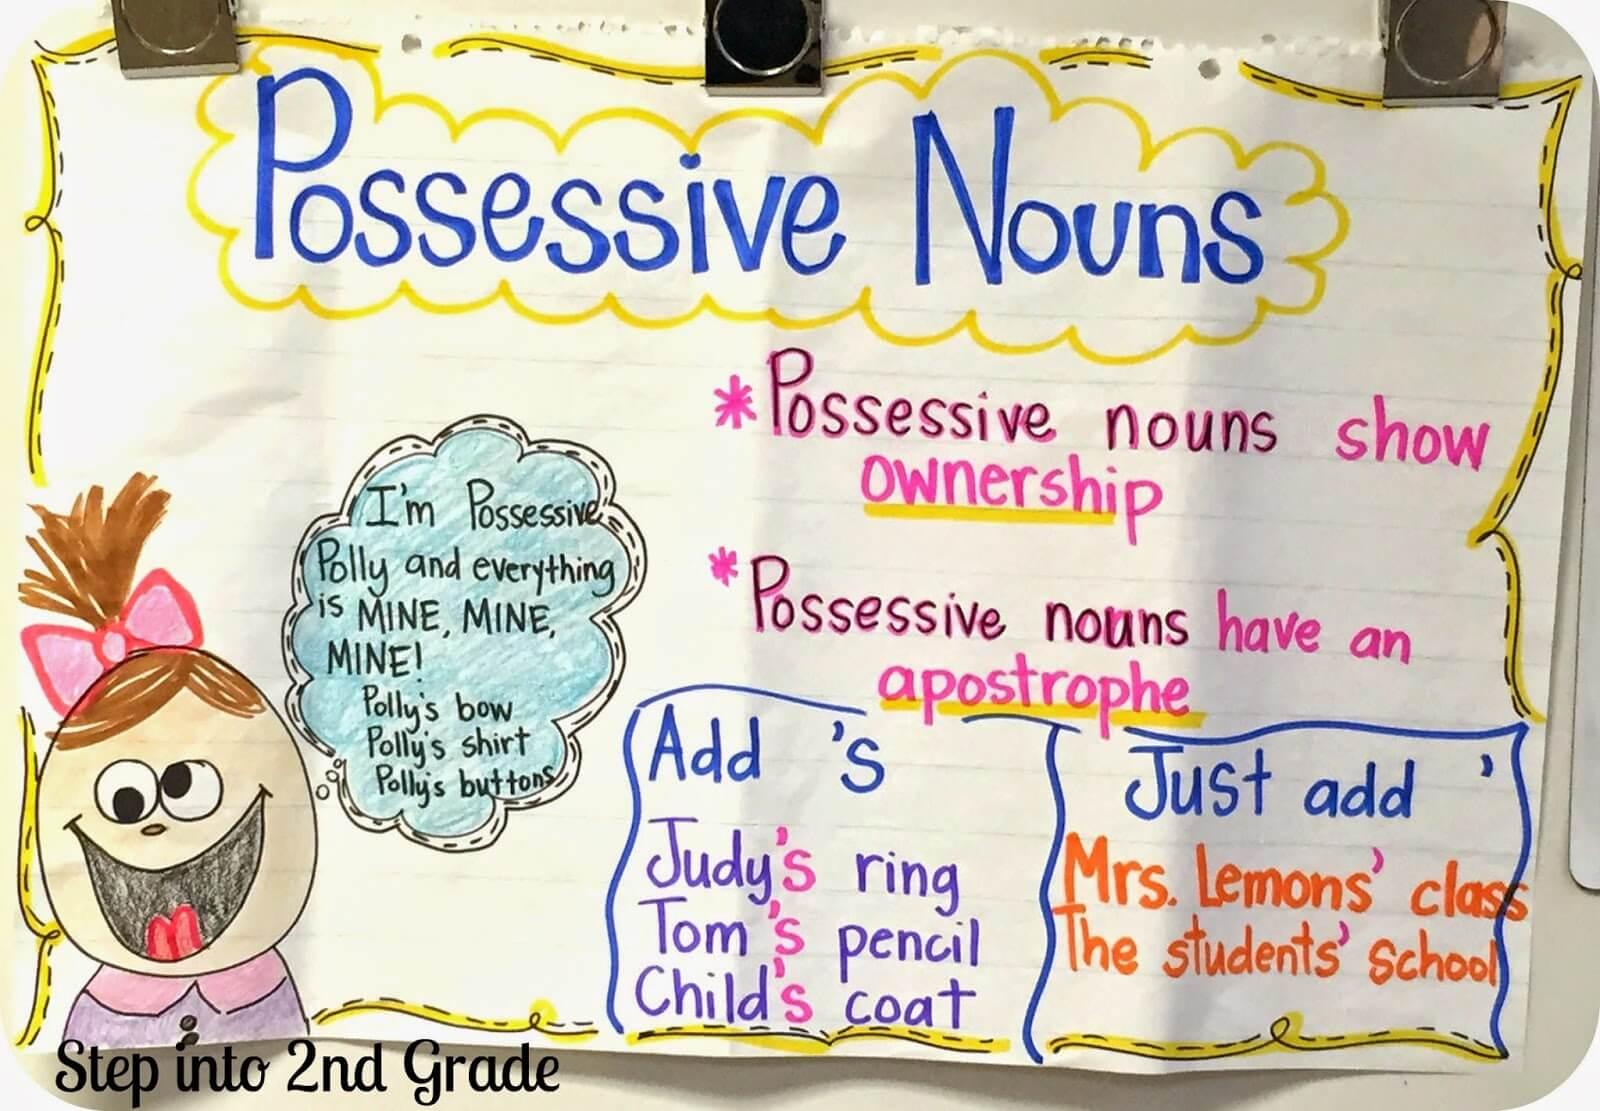 hight resolution of Possessive Nouns - Amy Lemons